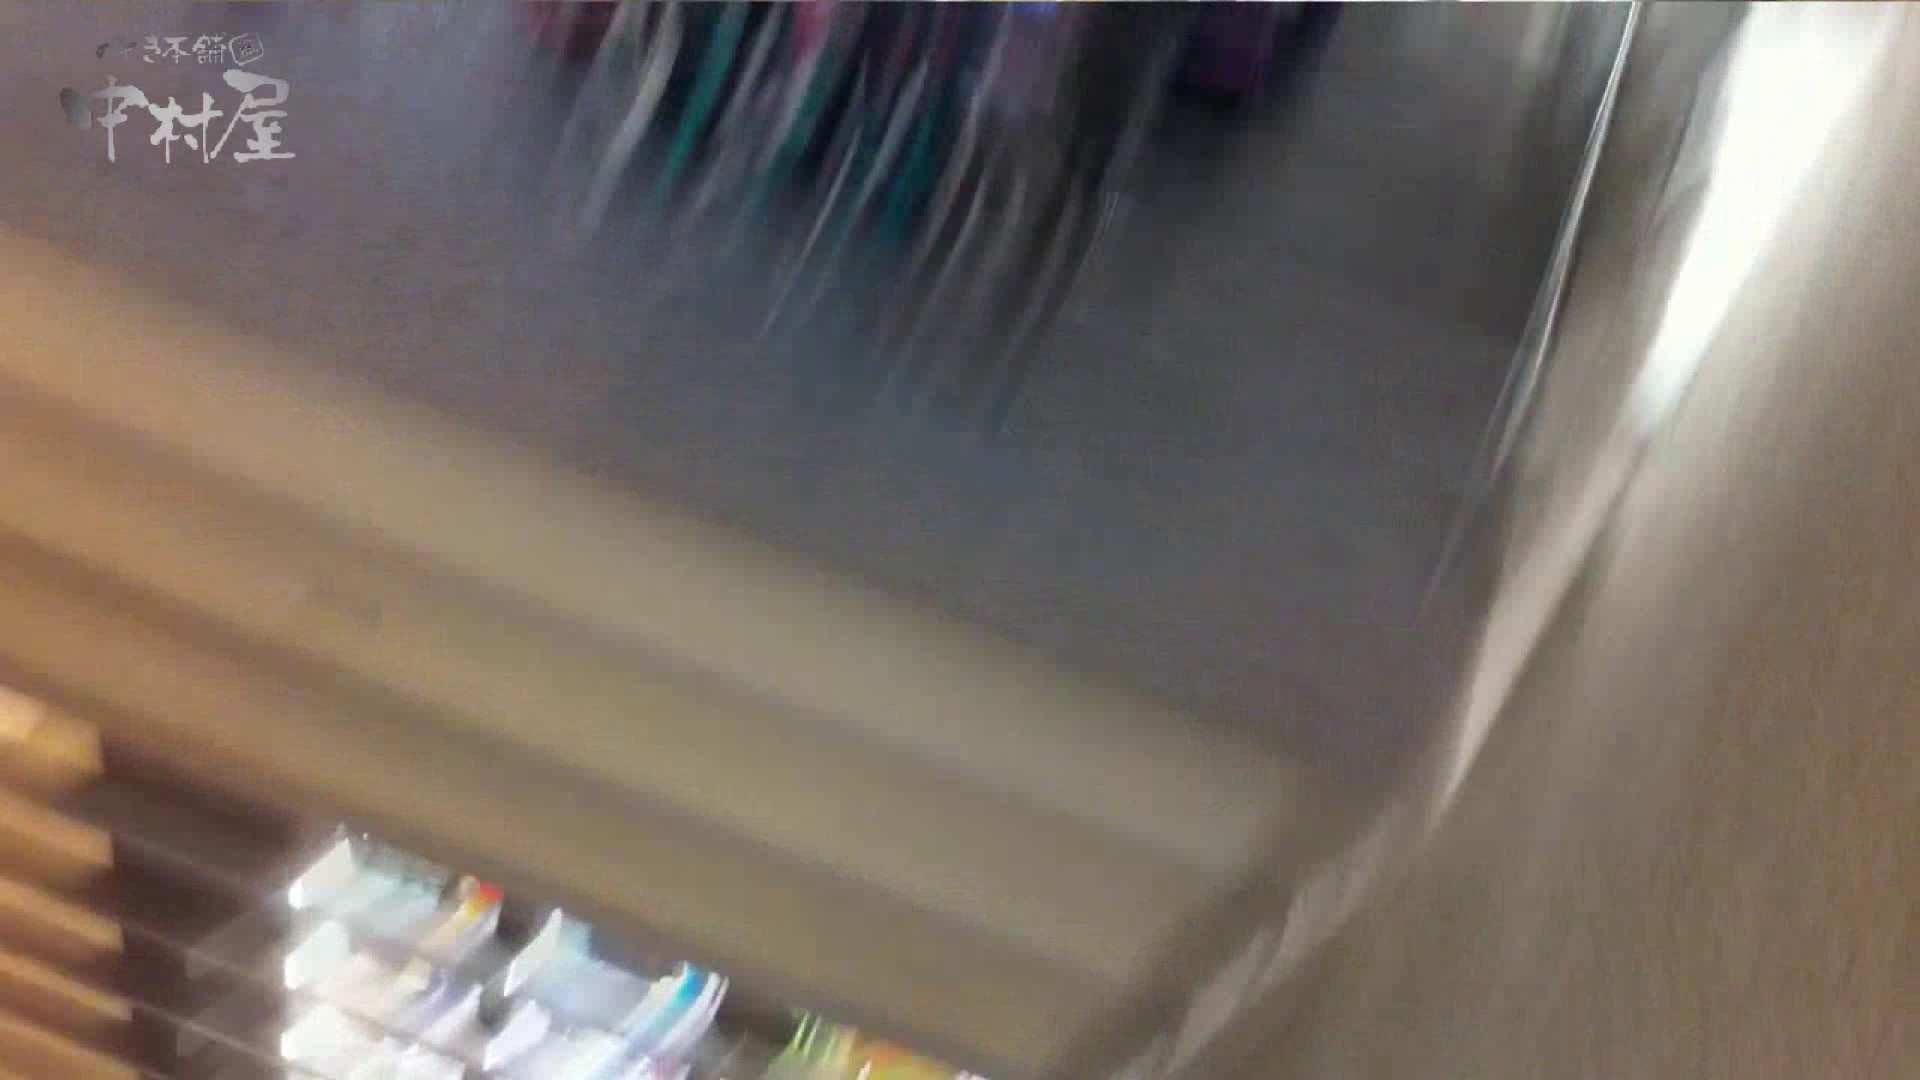 vol.77 美人アパレル胸チラ&パンチラ 緑のワンピにせまってみたw チラ 盗撮エロ画像 104画像 3